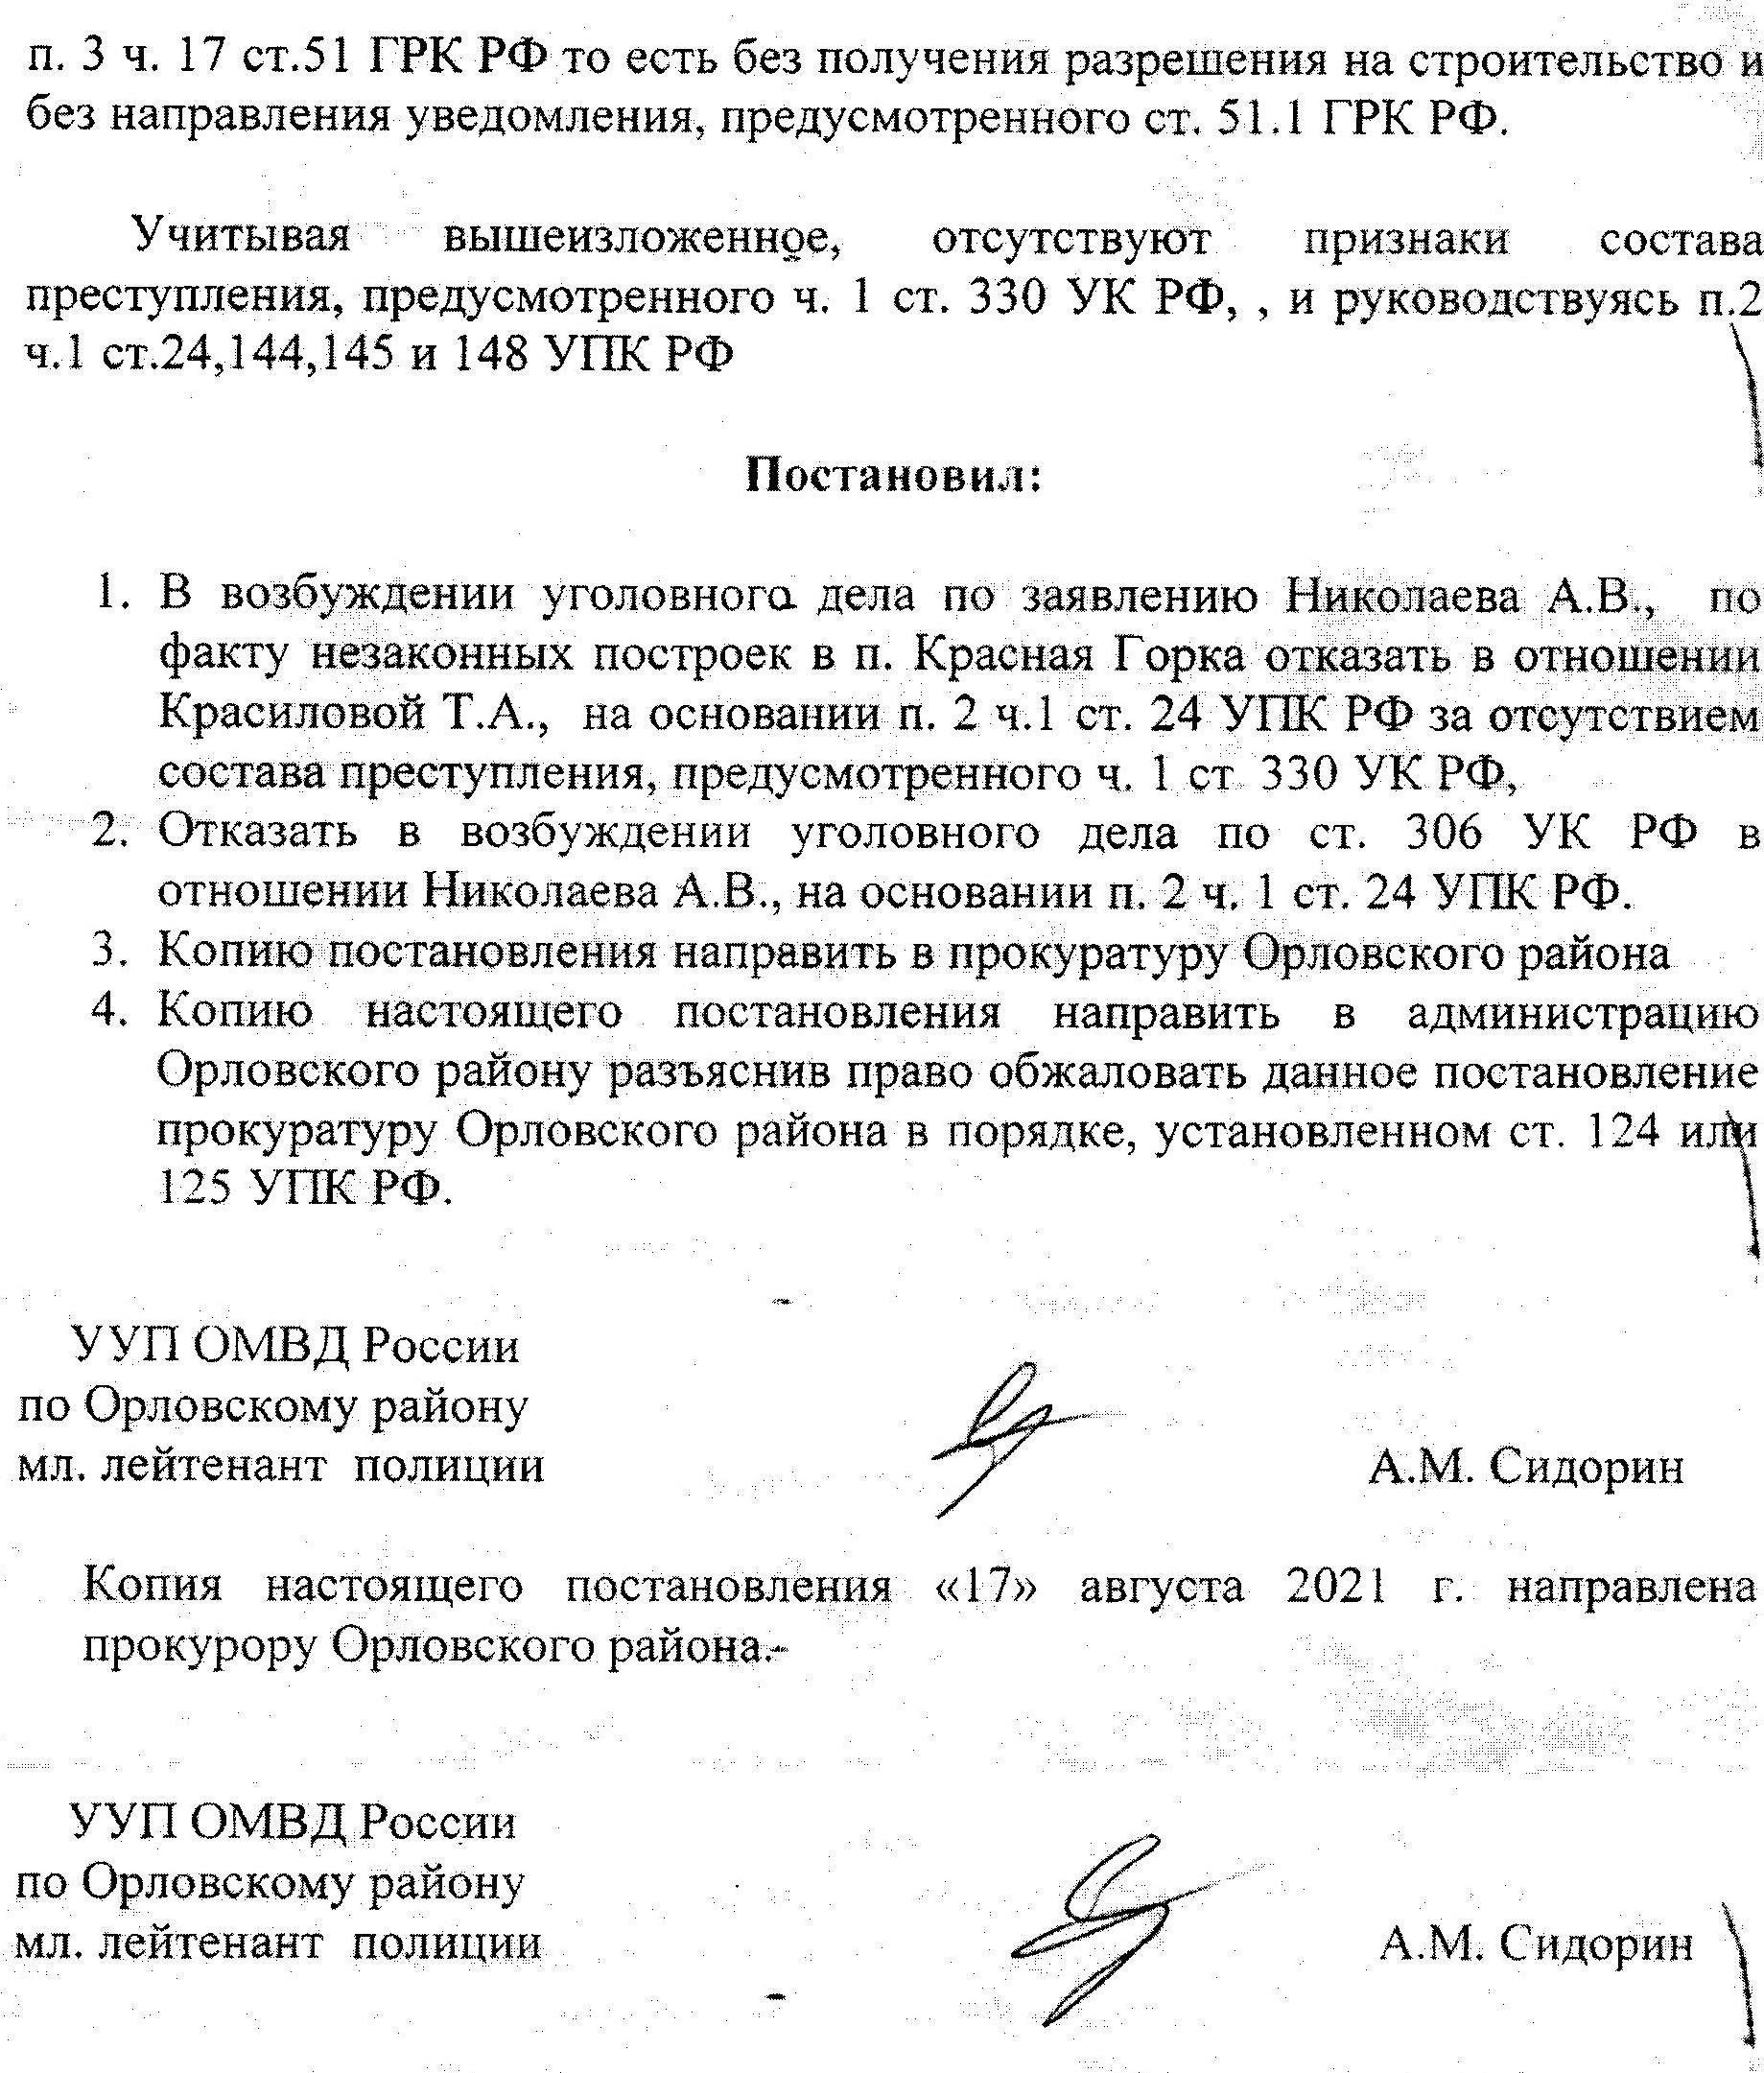 Текст постановления об отказе в возбуждении уголовного дела, подписанный младшим лейтенантом Сидориным